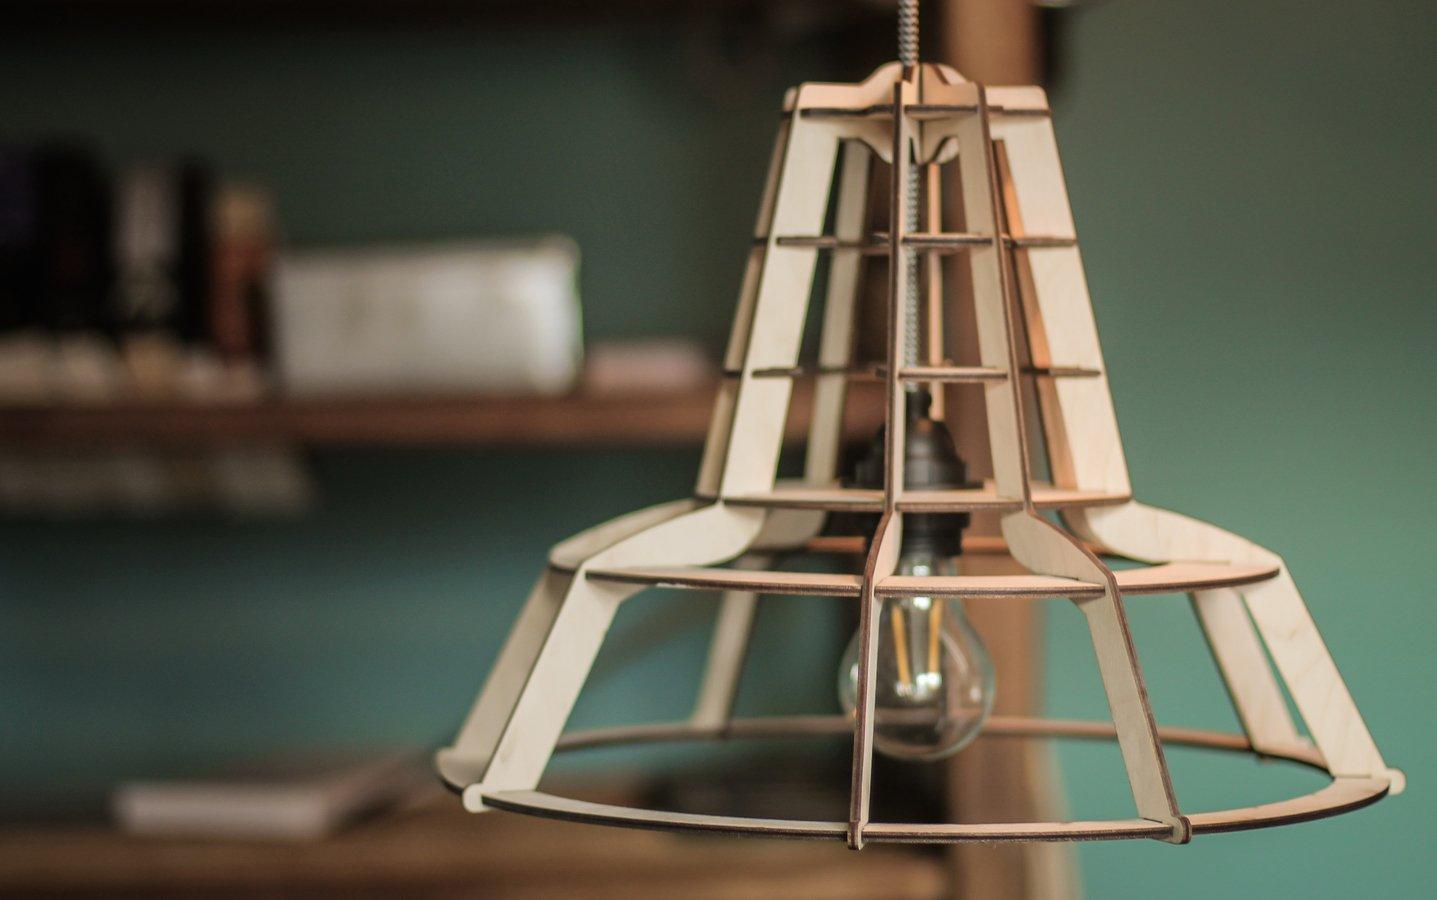 MAACKT_LAMP_Kraft_YM-Berken-5